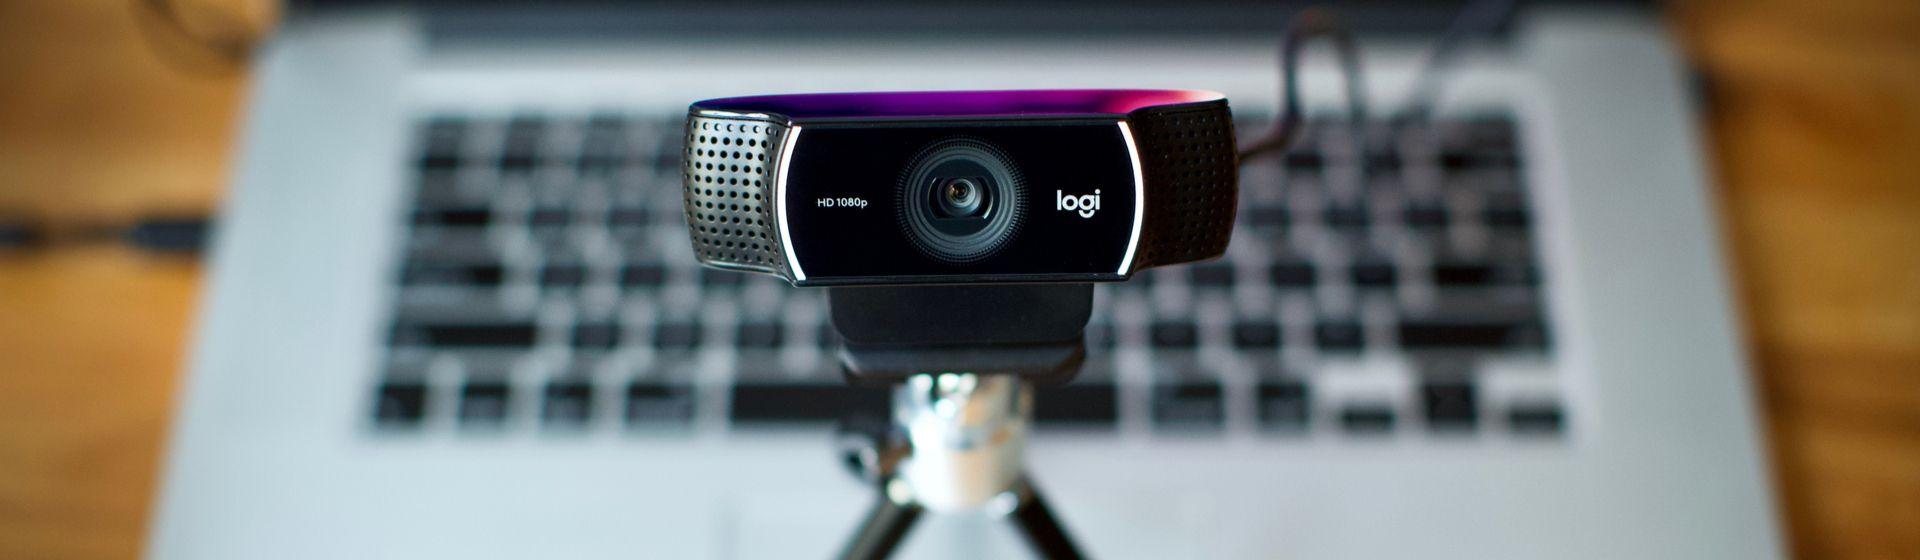 Melhor webcam Logitech em 2021: 8 modelos com boa imagem